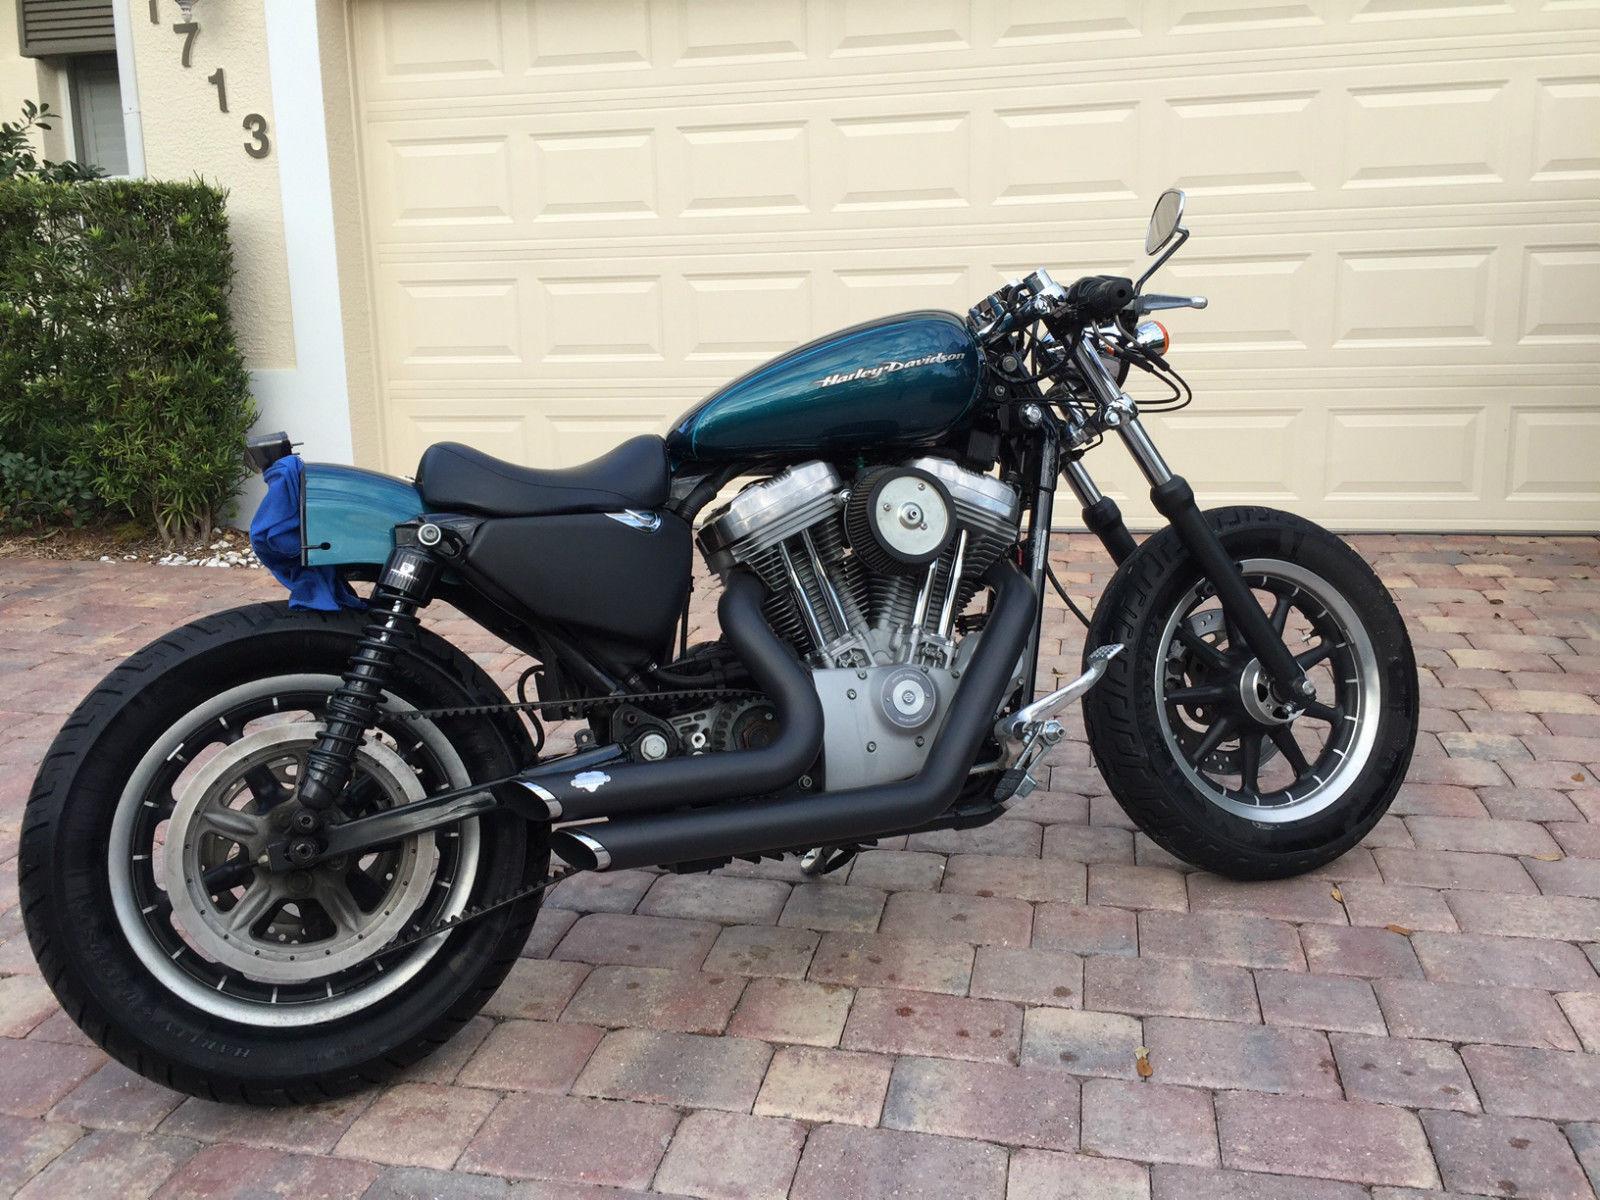 Harley Davidson Cafe Racer For Sale By 2004 Sportster